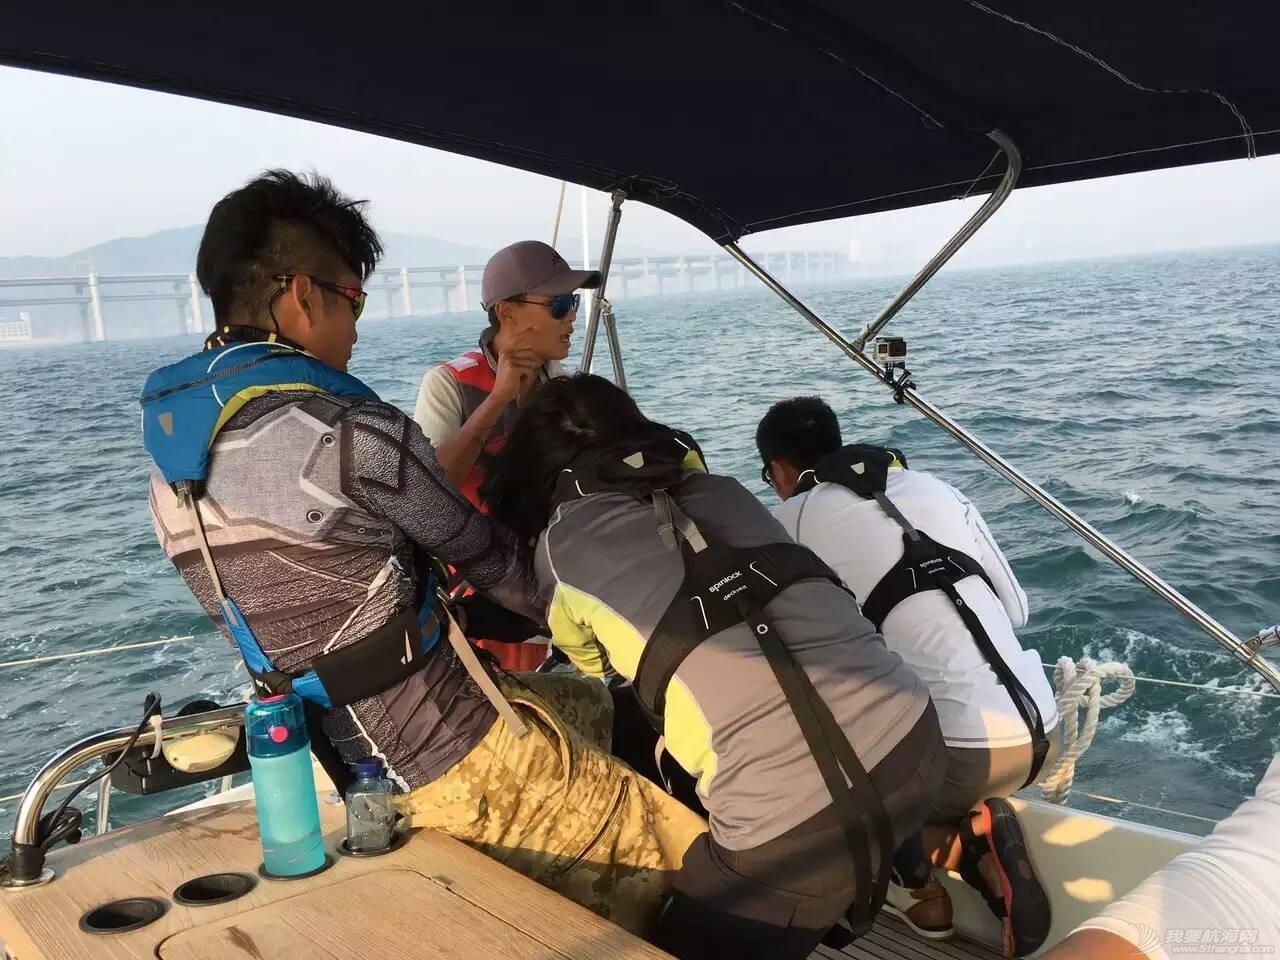 人生第一次长航-参加我要去航海-千航帆船队-环渤海拉力赛 激烈的比赛